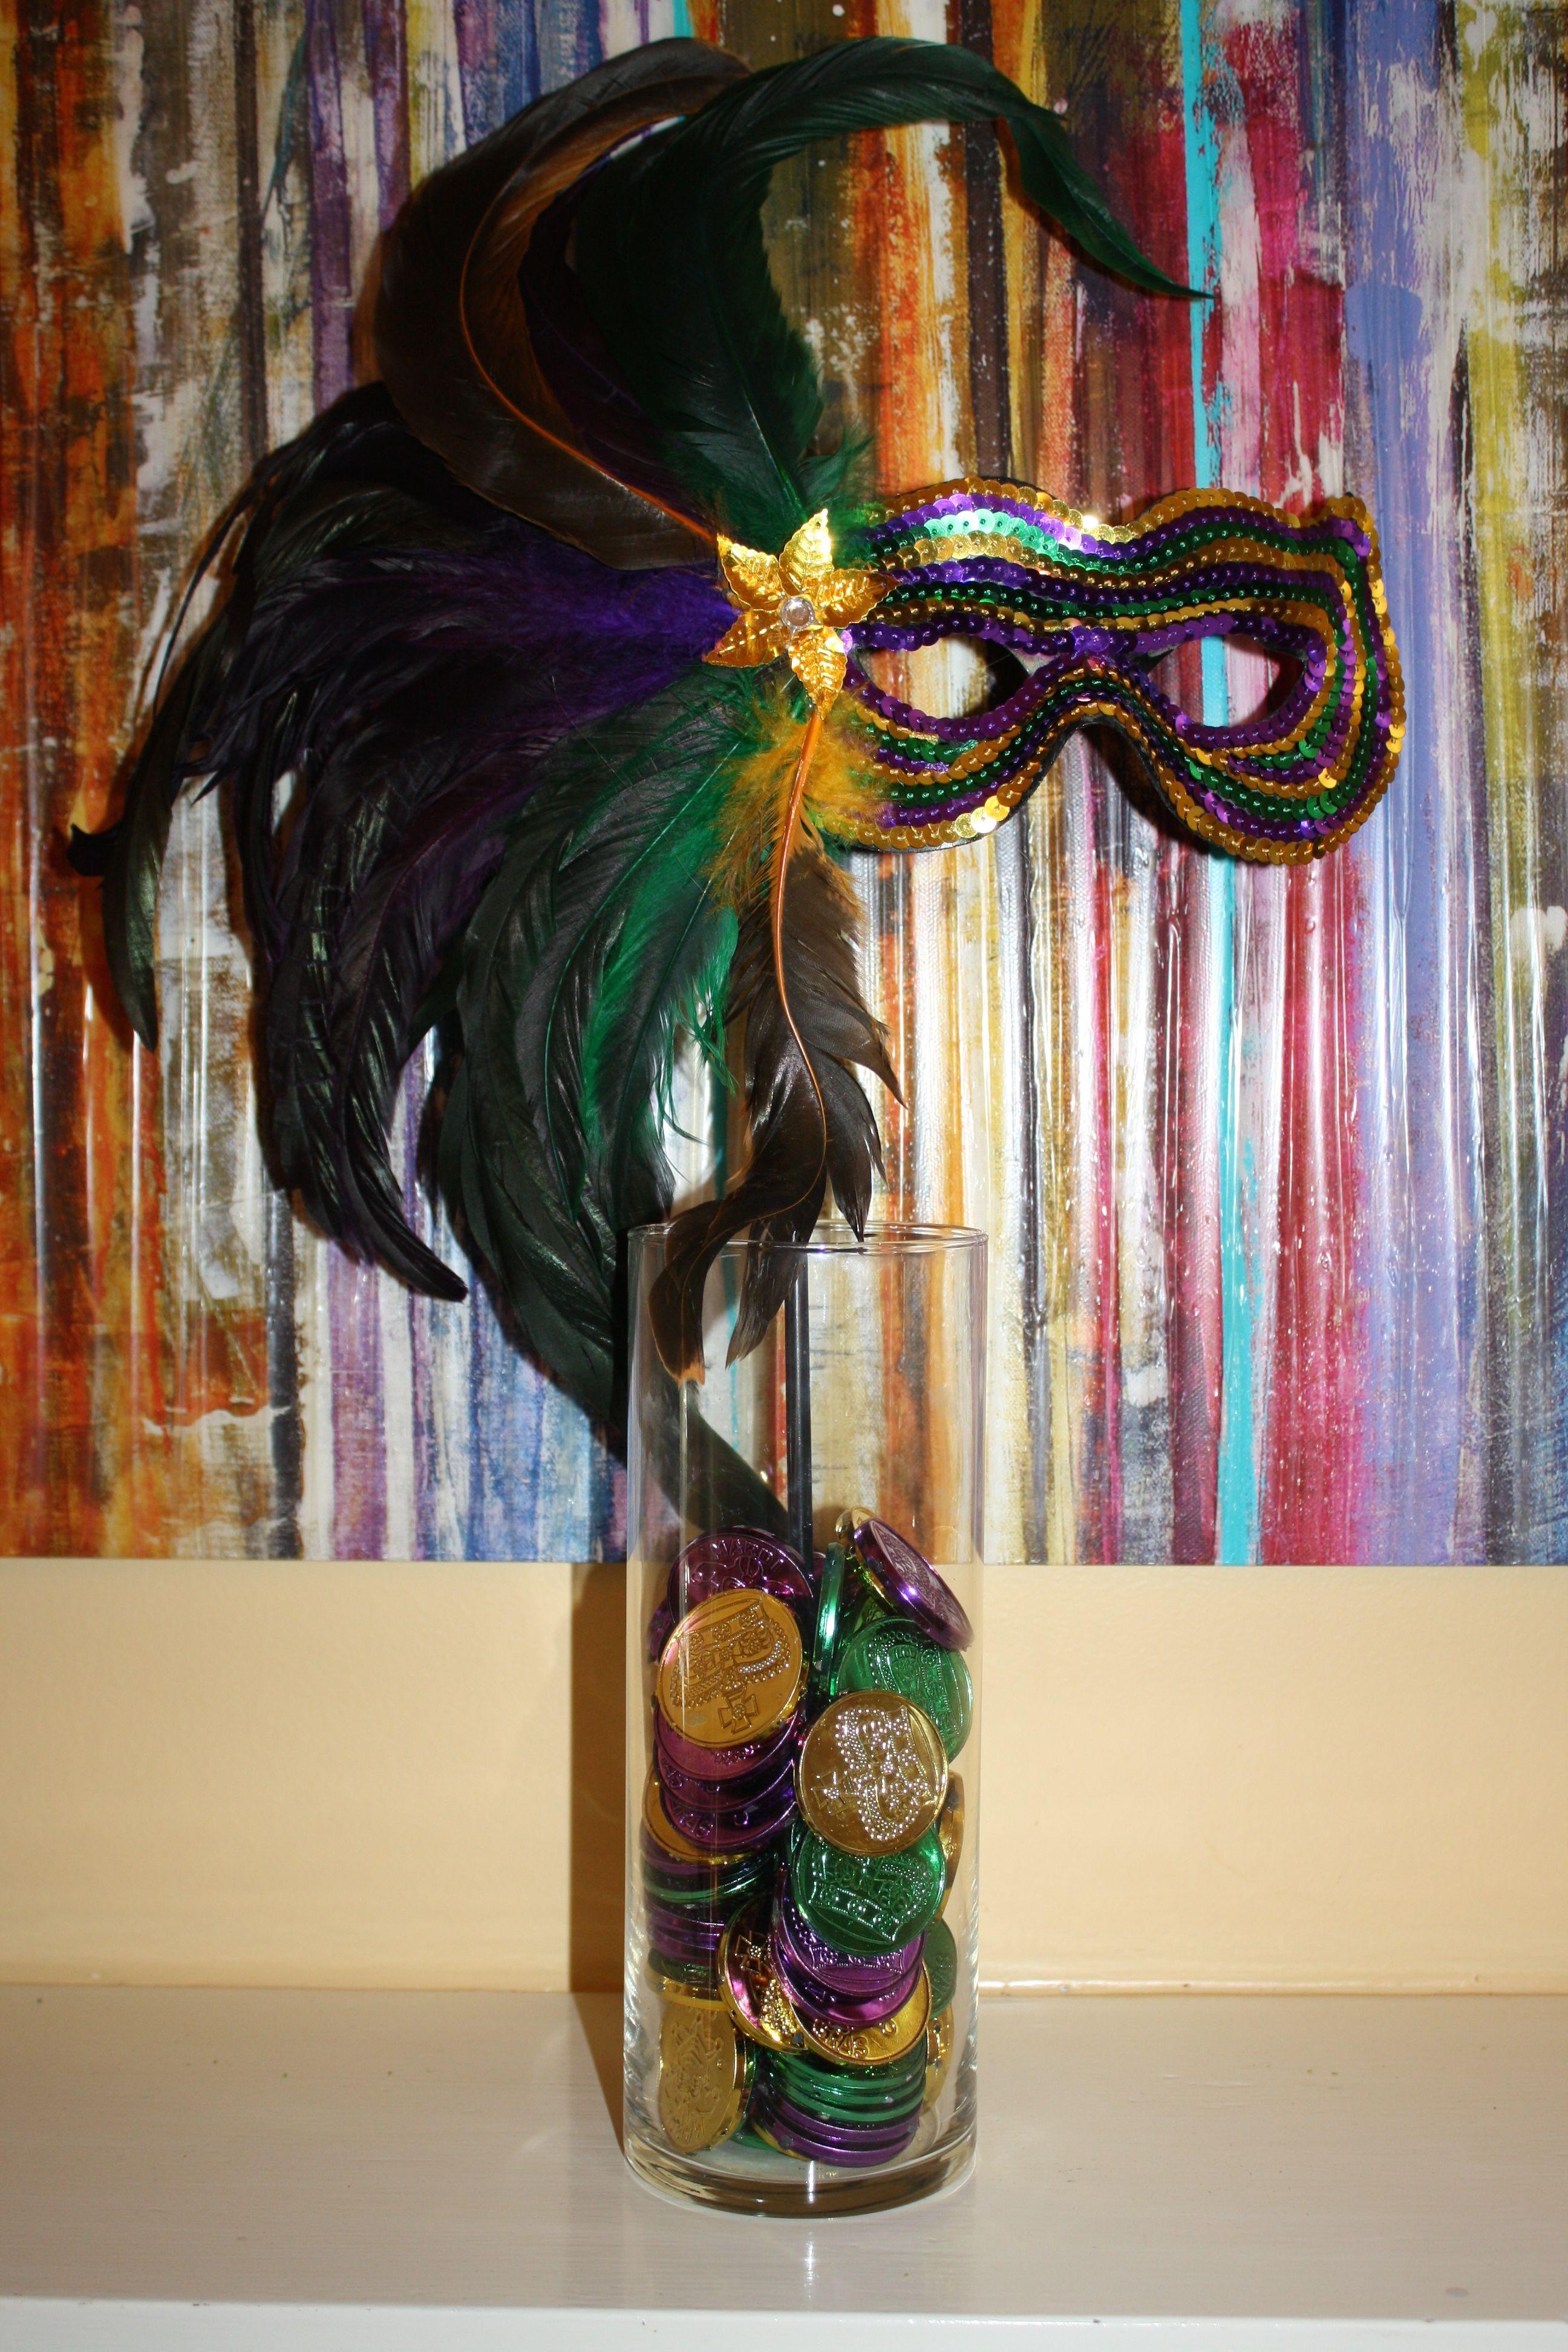 How To Make a Mardi Gras Centerpiece | ideas | Mardi gras ...